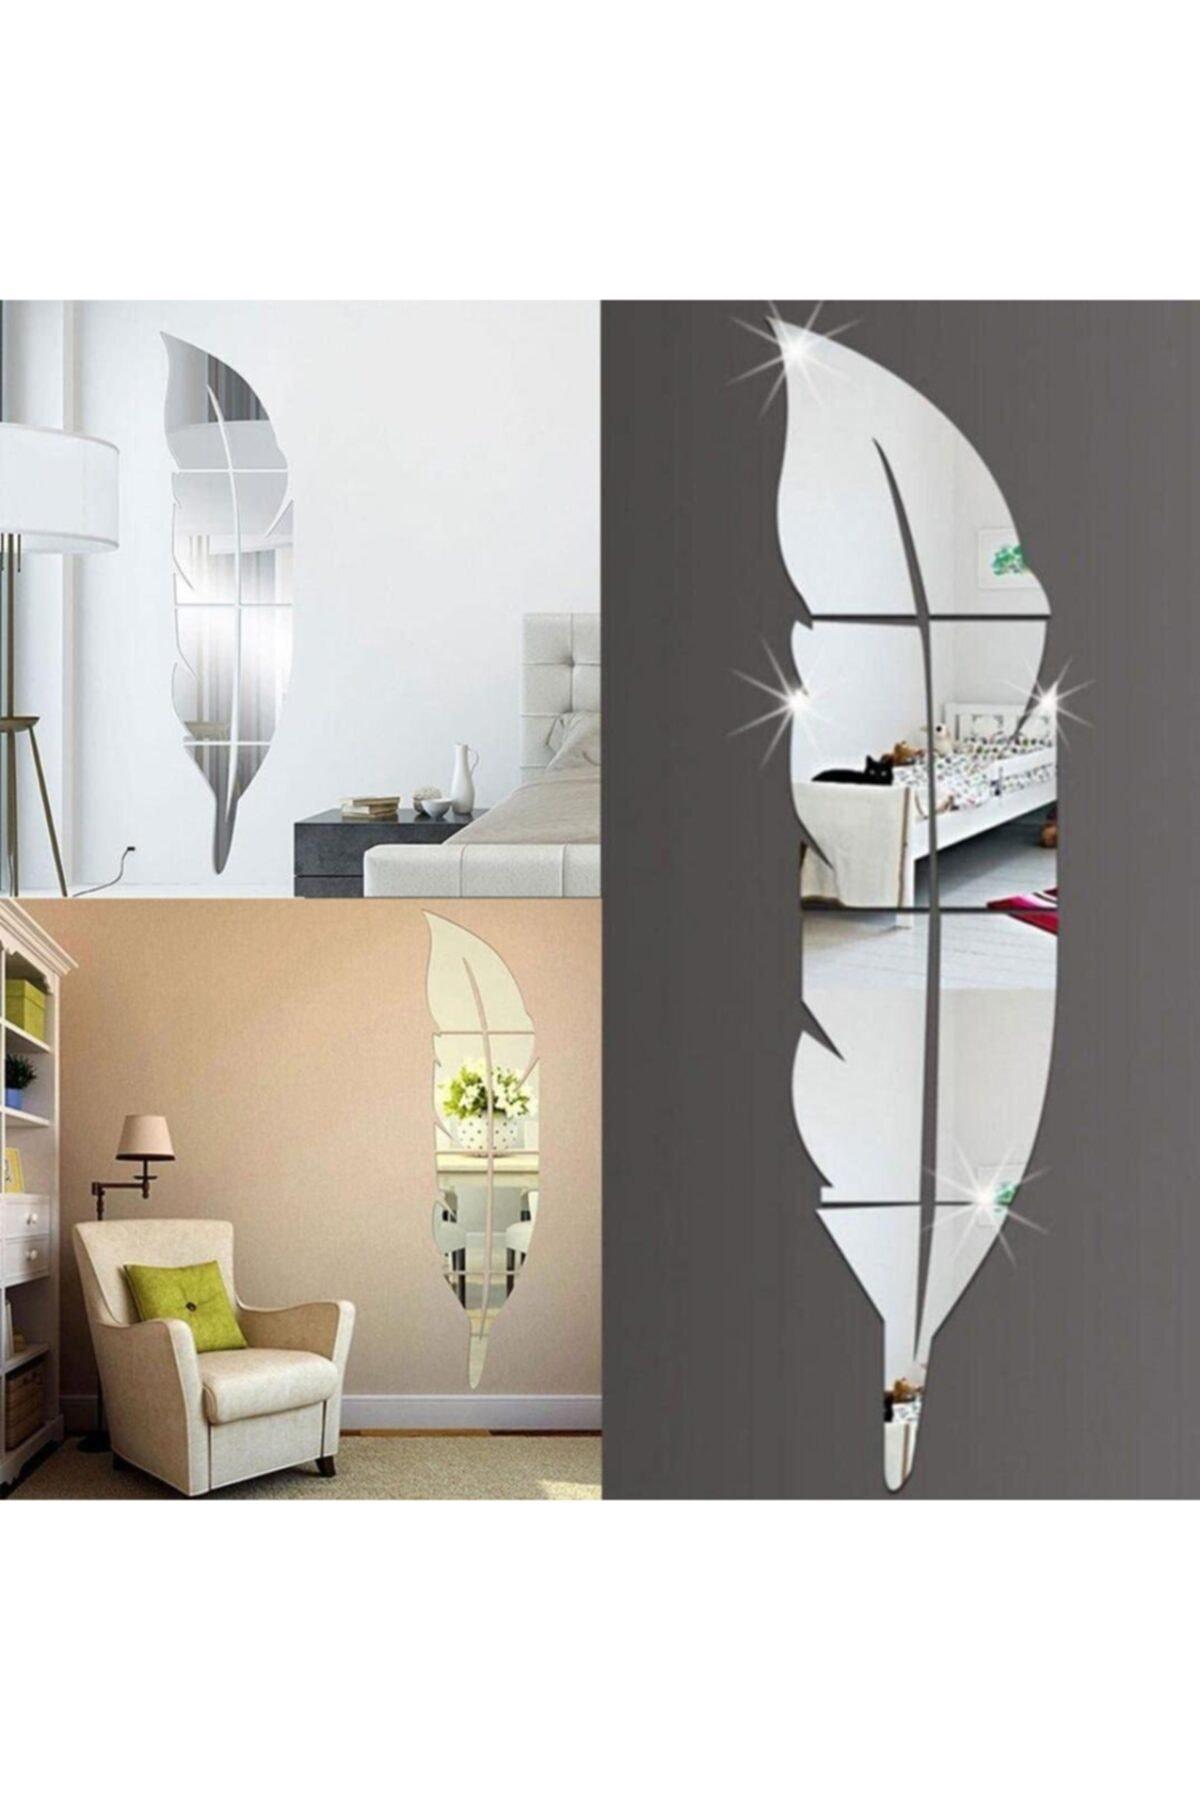 Dekoronto Dekoratif Duvar Dekorasyon Tüy Desen Gümüş Ayna Pleksi 25 X 100 Cm 1